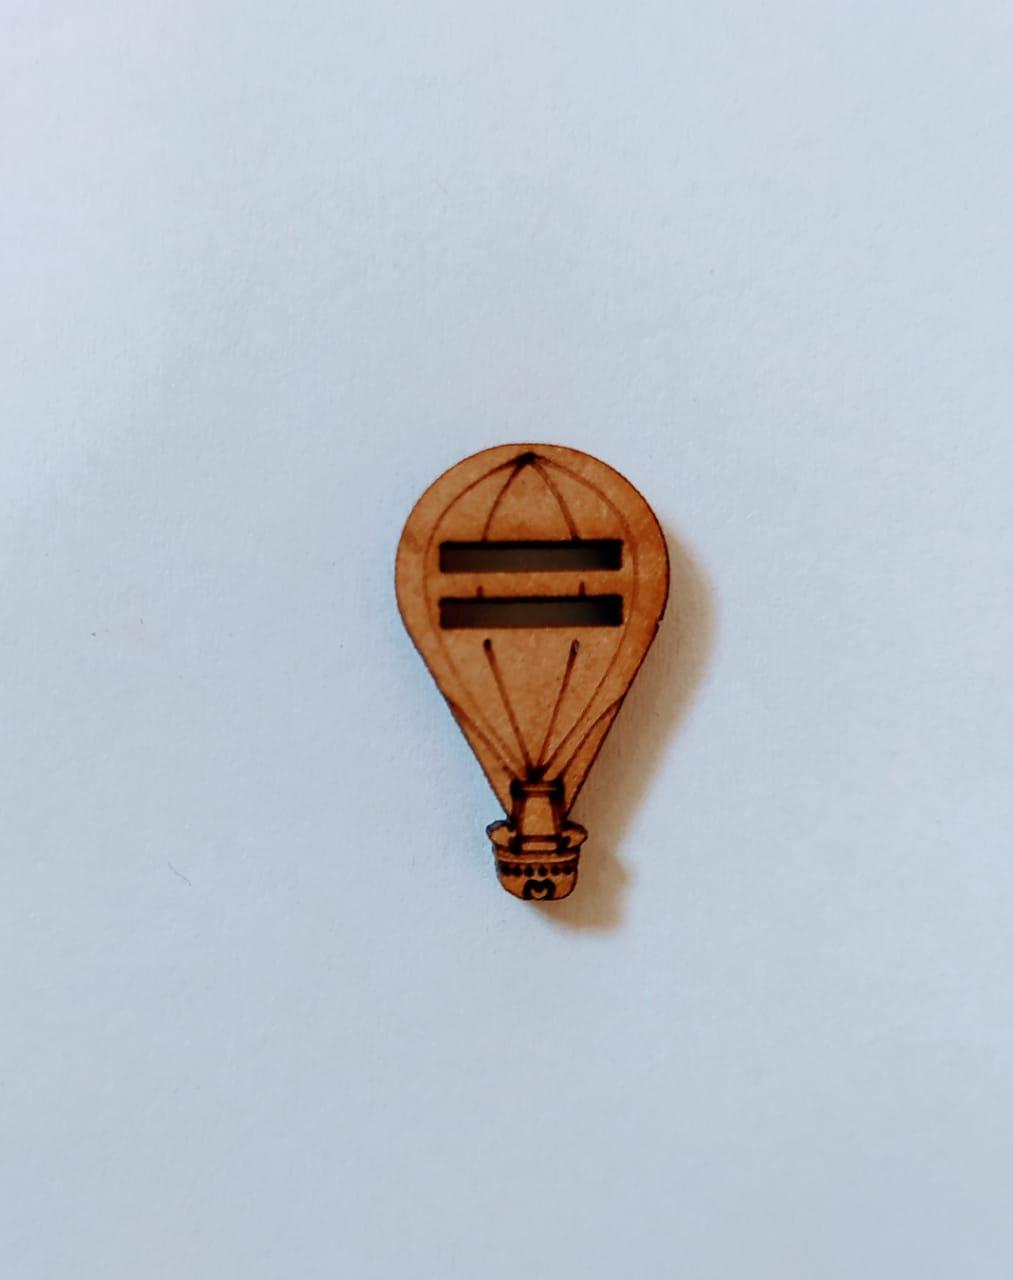 Passante para Elástico - Balão - 2cm (10 unidades) em MDF